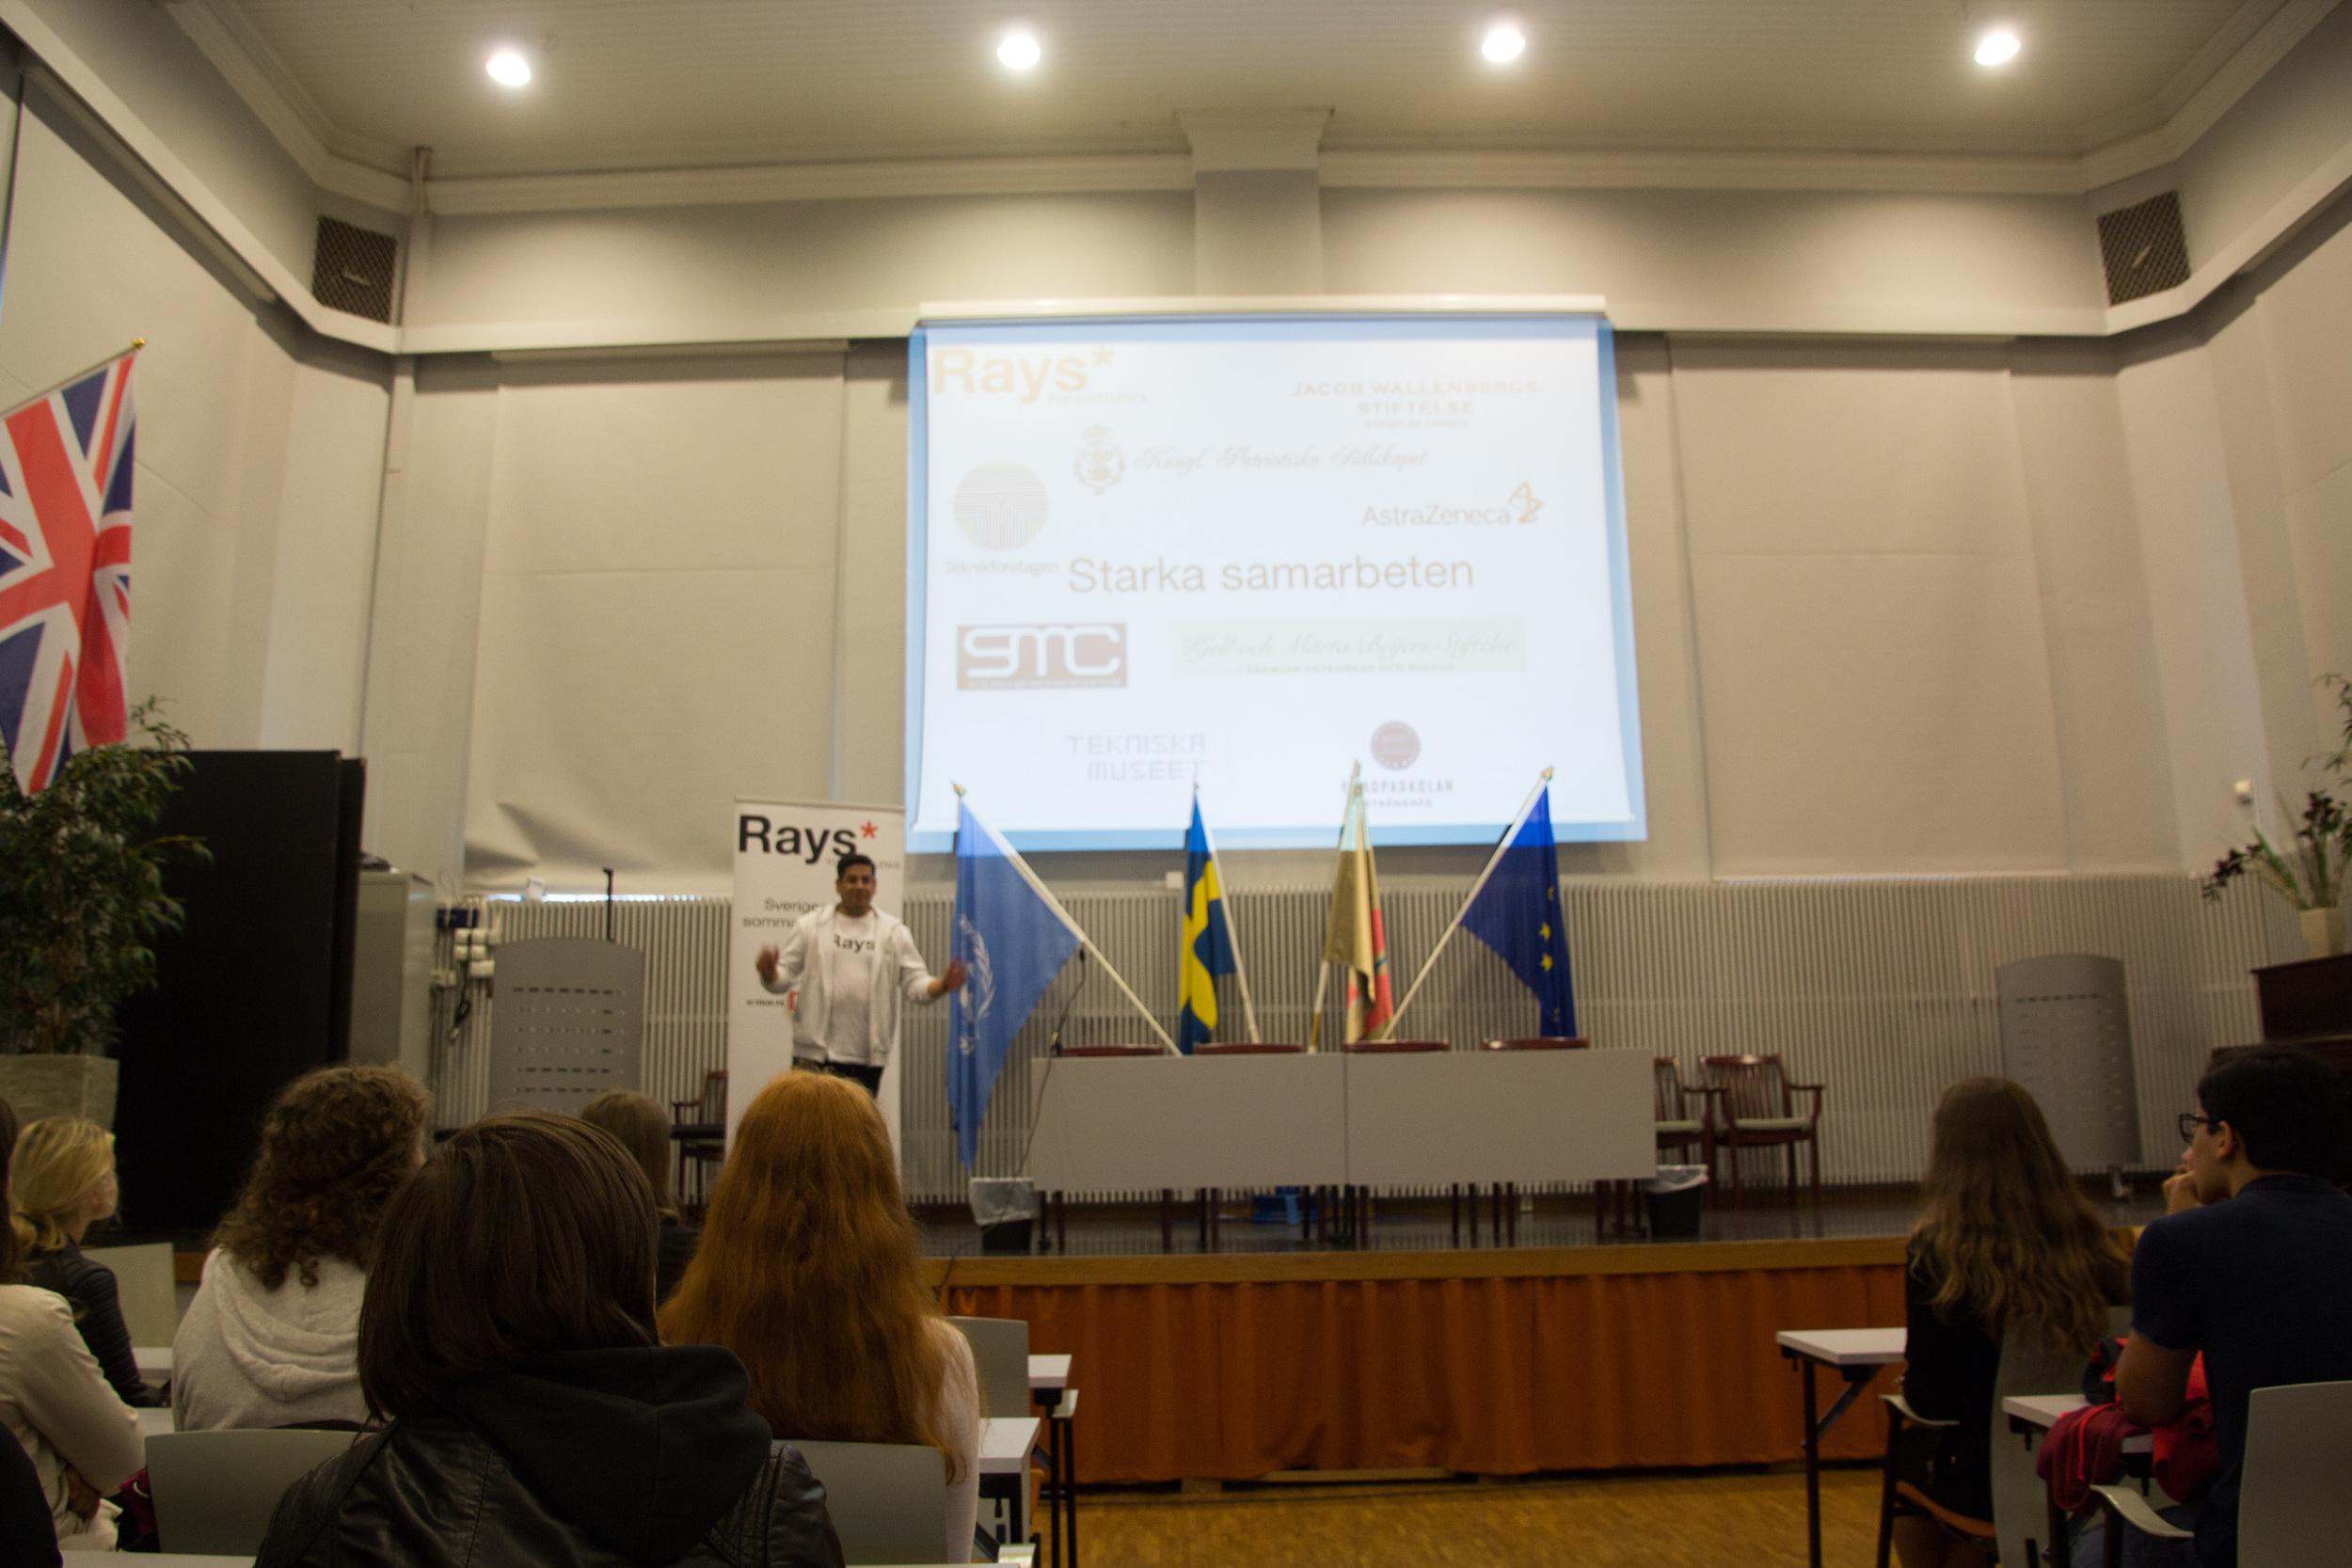 Serhat poängterar vikten av starka samarbeten.